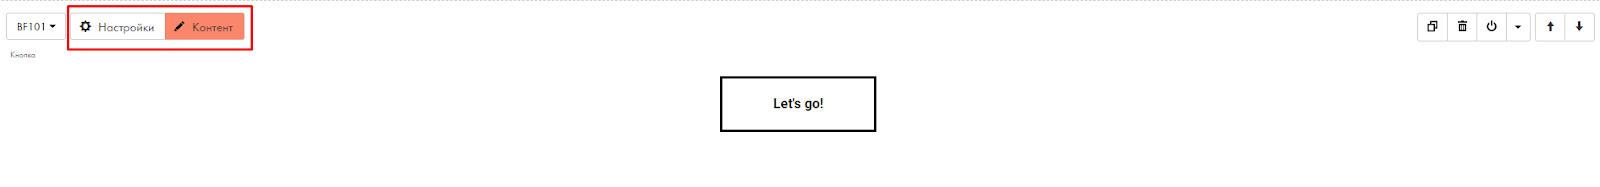 Здесь можно отредактировать кнопку